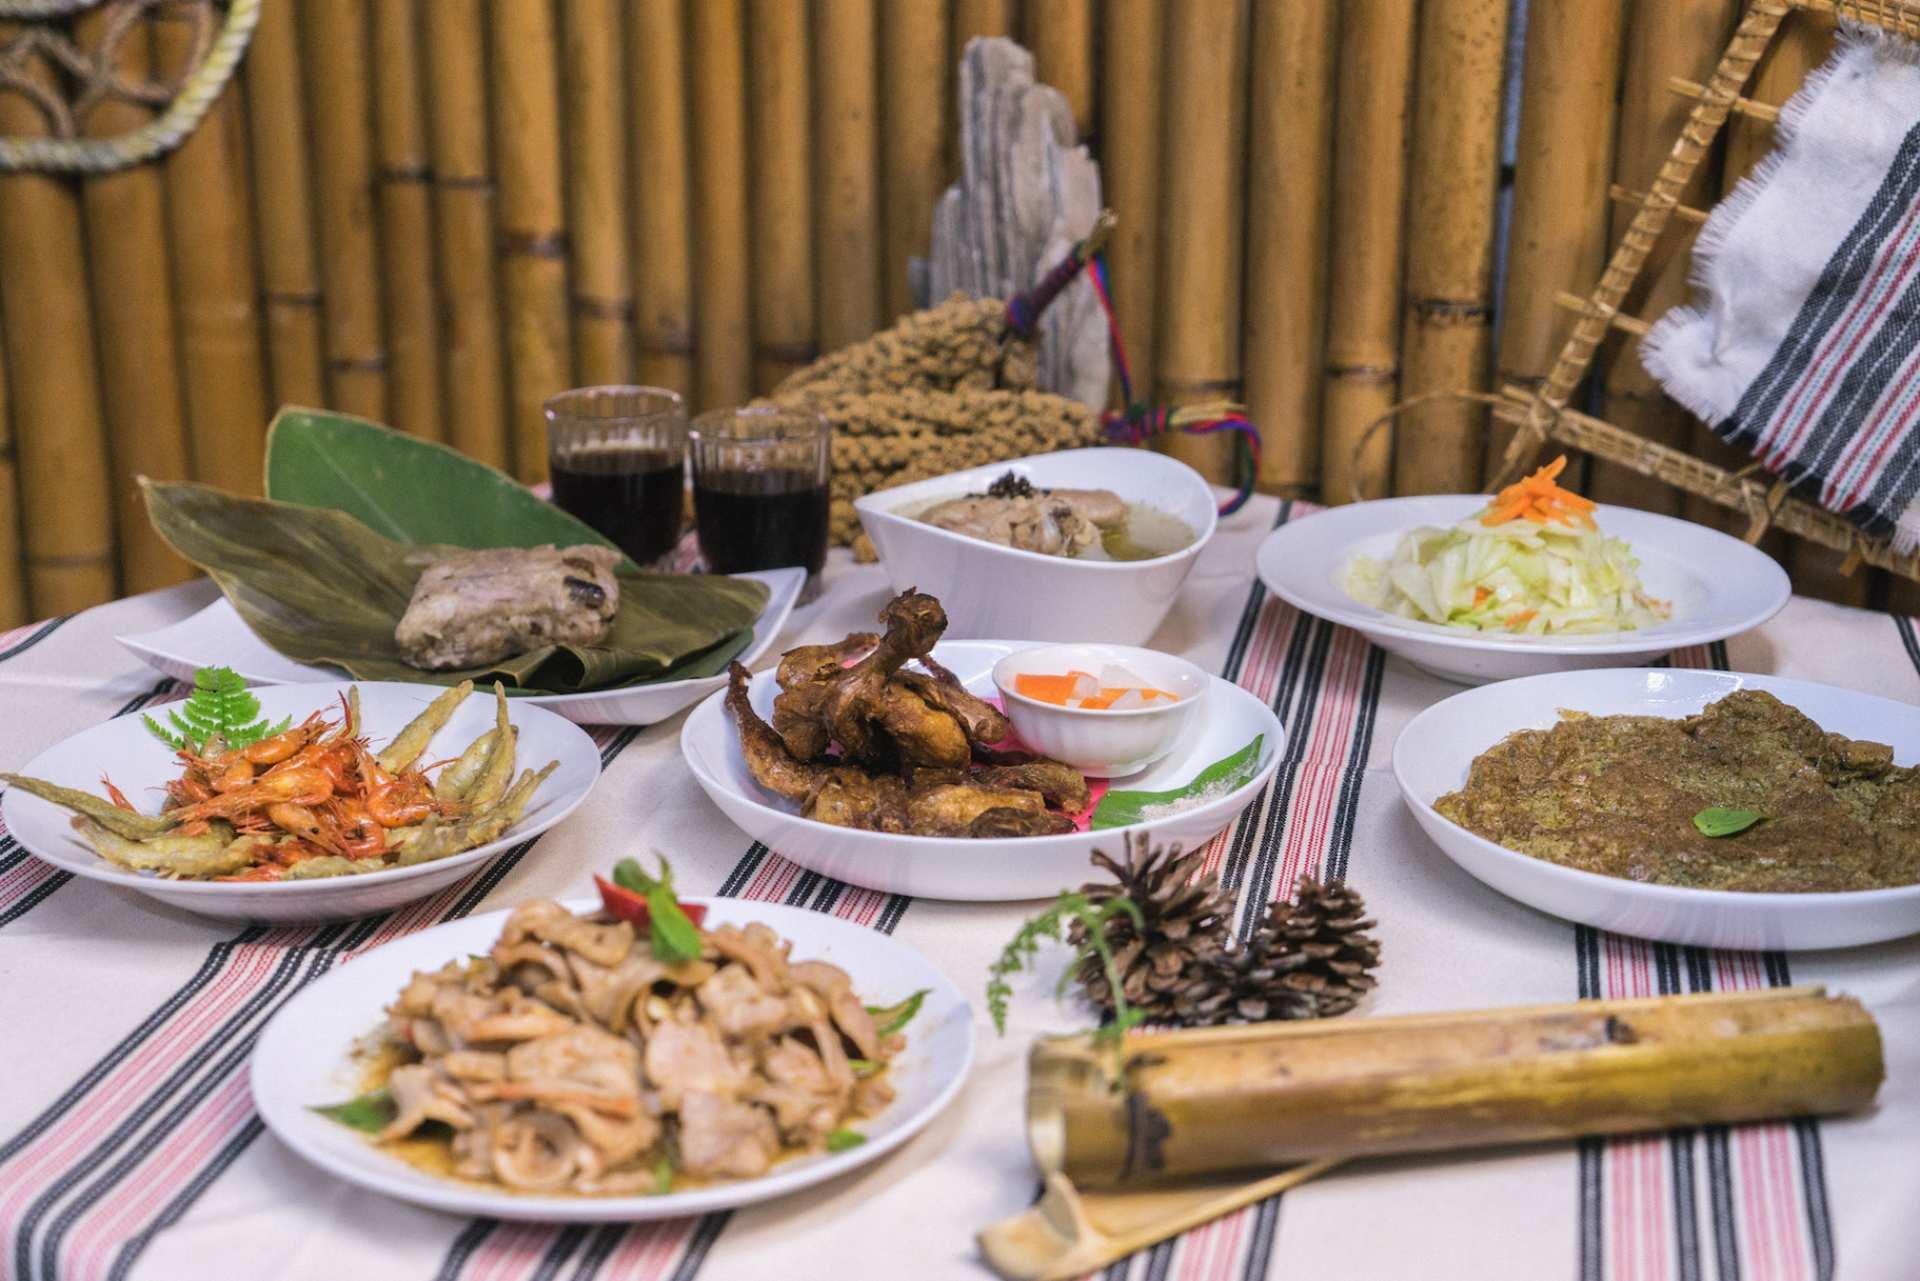 【烏來老街嚴選在地美食】泰雅婆婆原住民料理